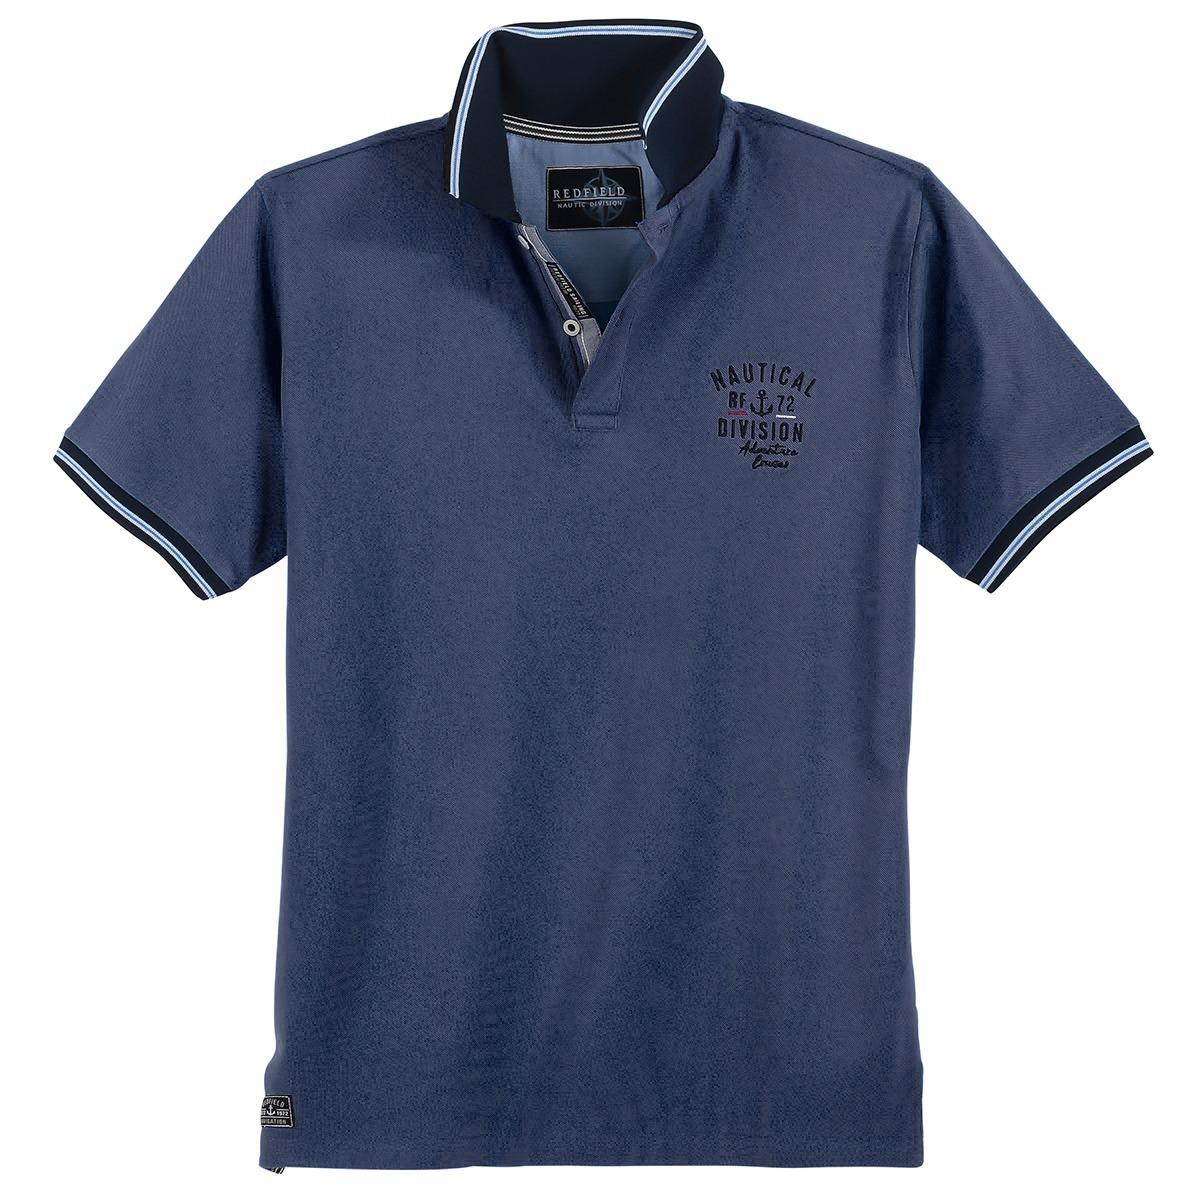 Redfield polo navy blauw